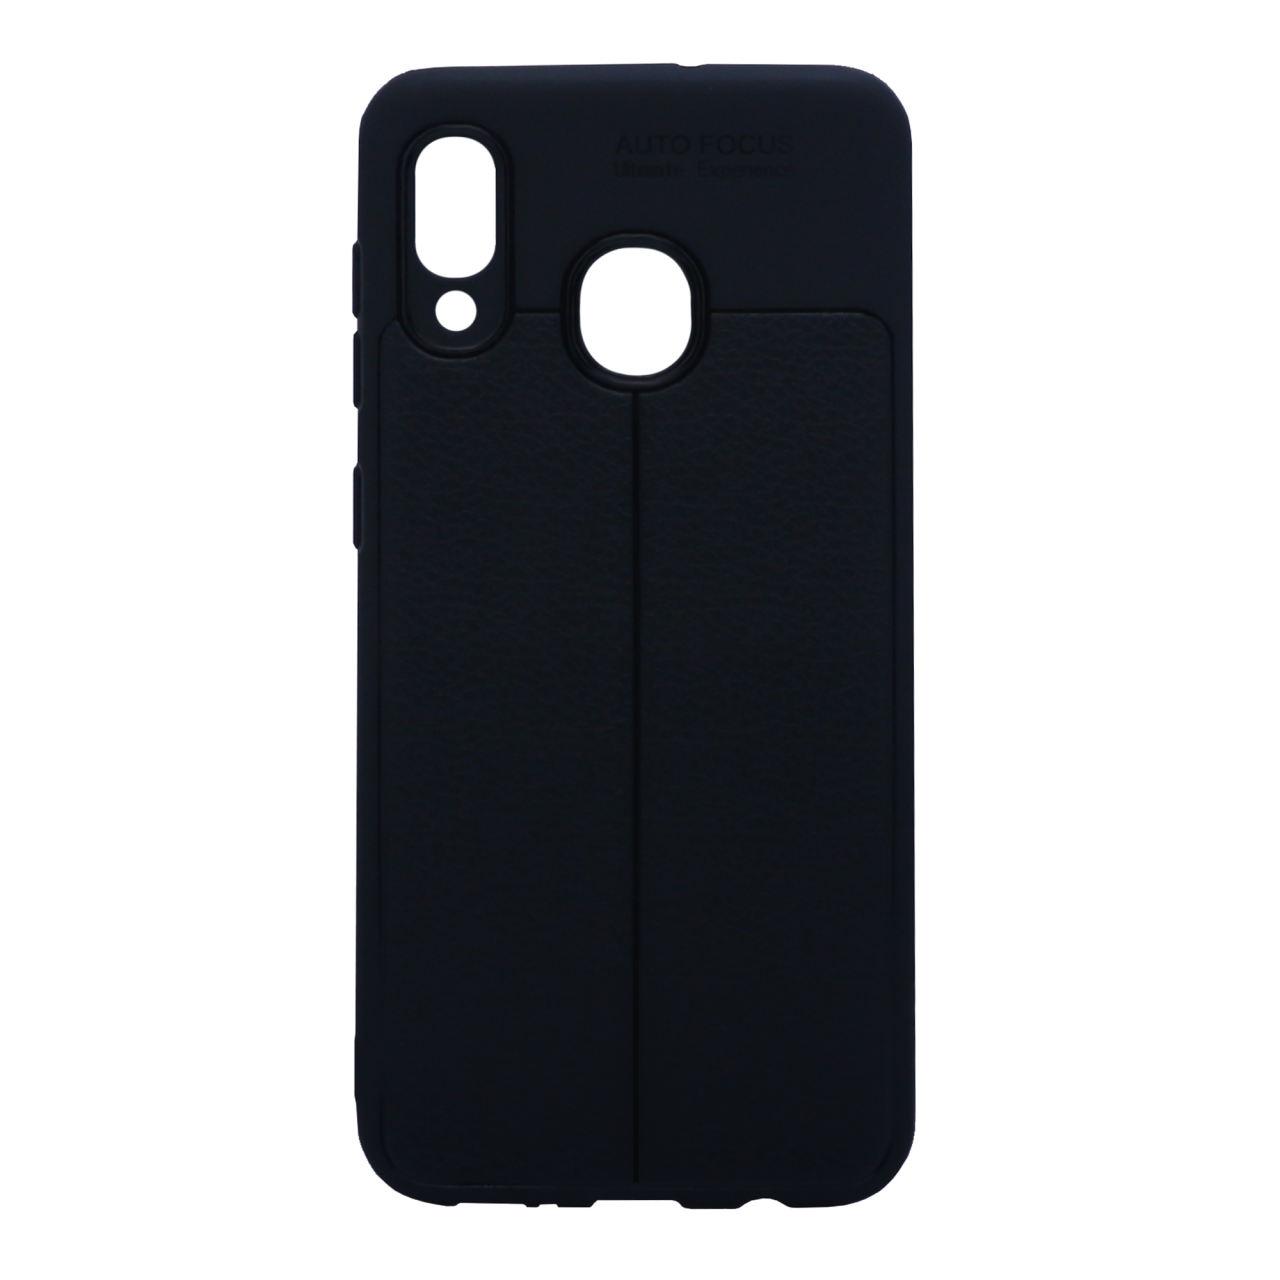 کاور مدل B-1 مناسب برای گوشی موبایل سامسونگ Galaxy A30